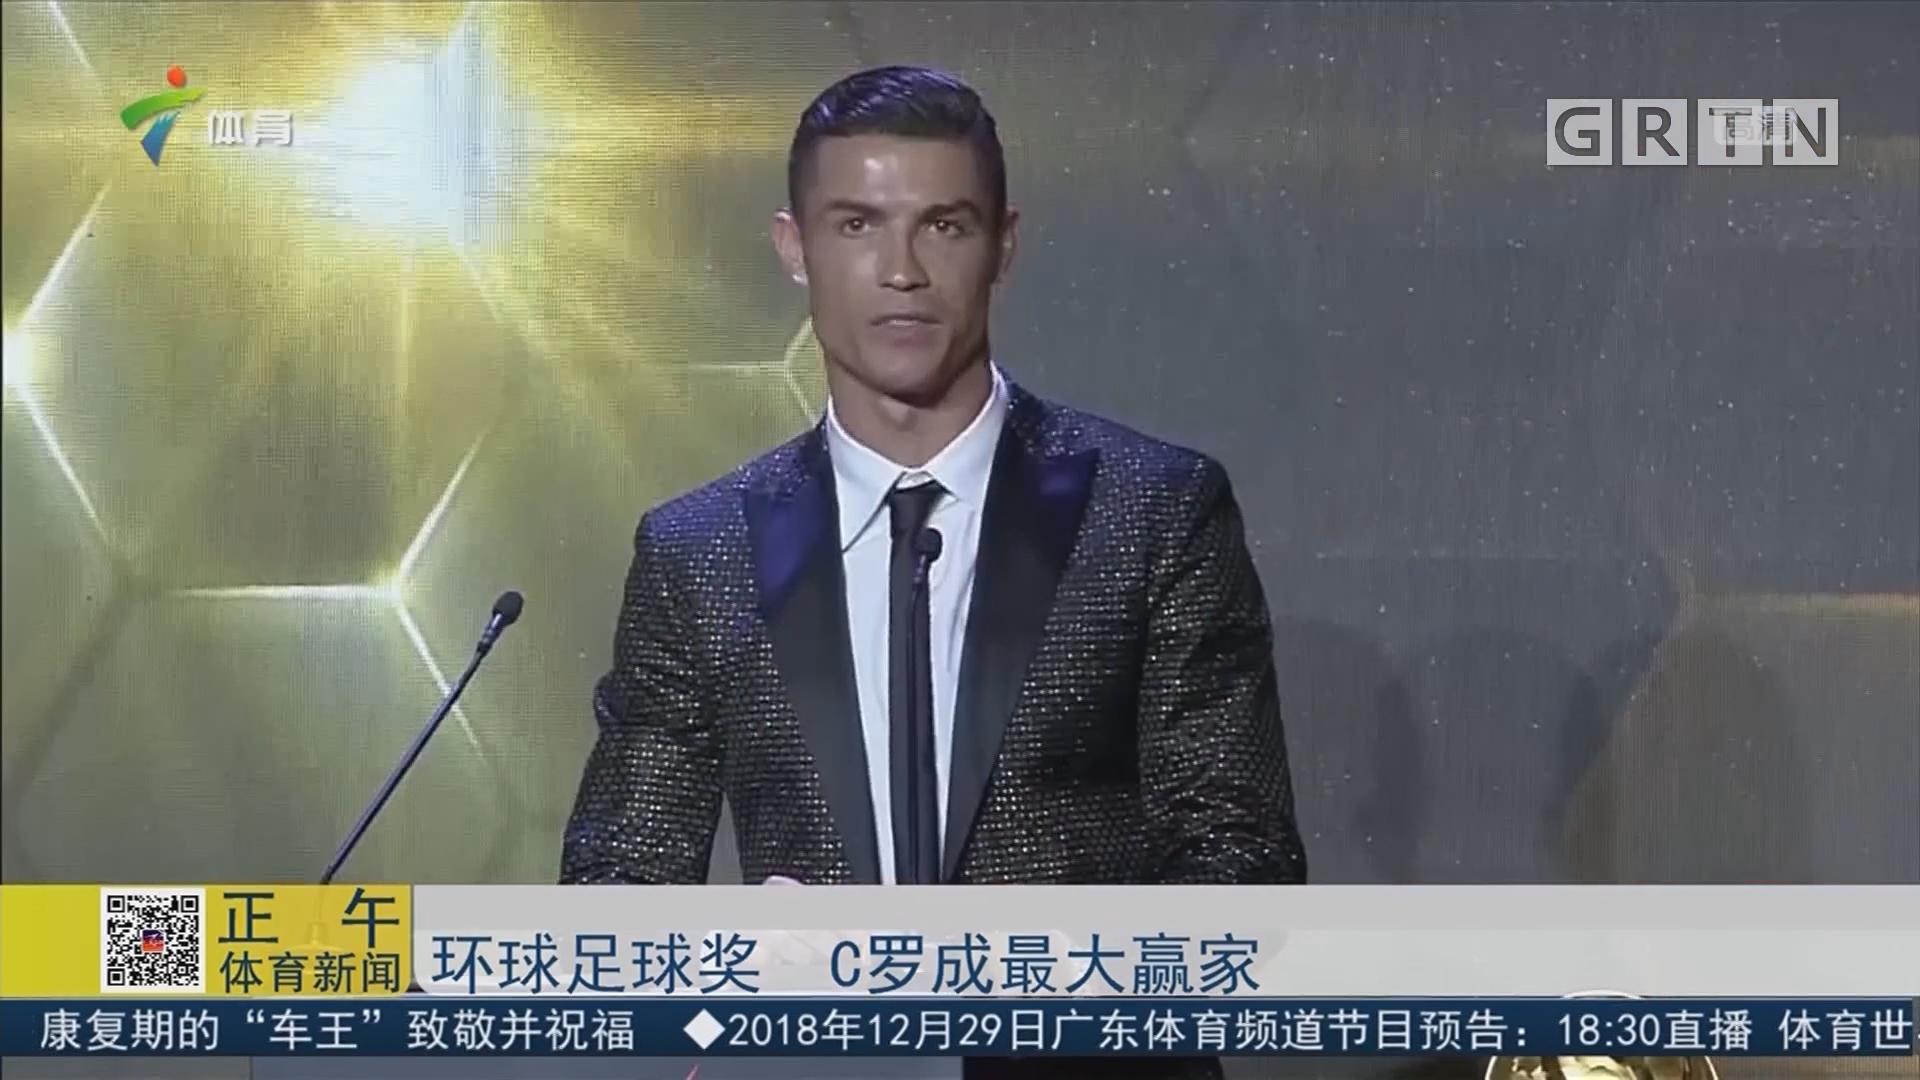 环球足球奖 C罗成最大赢家